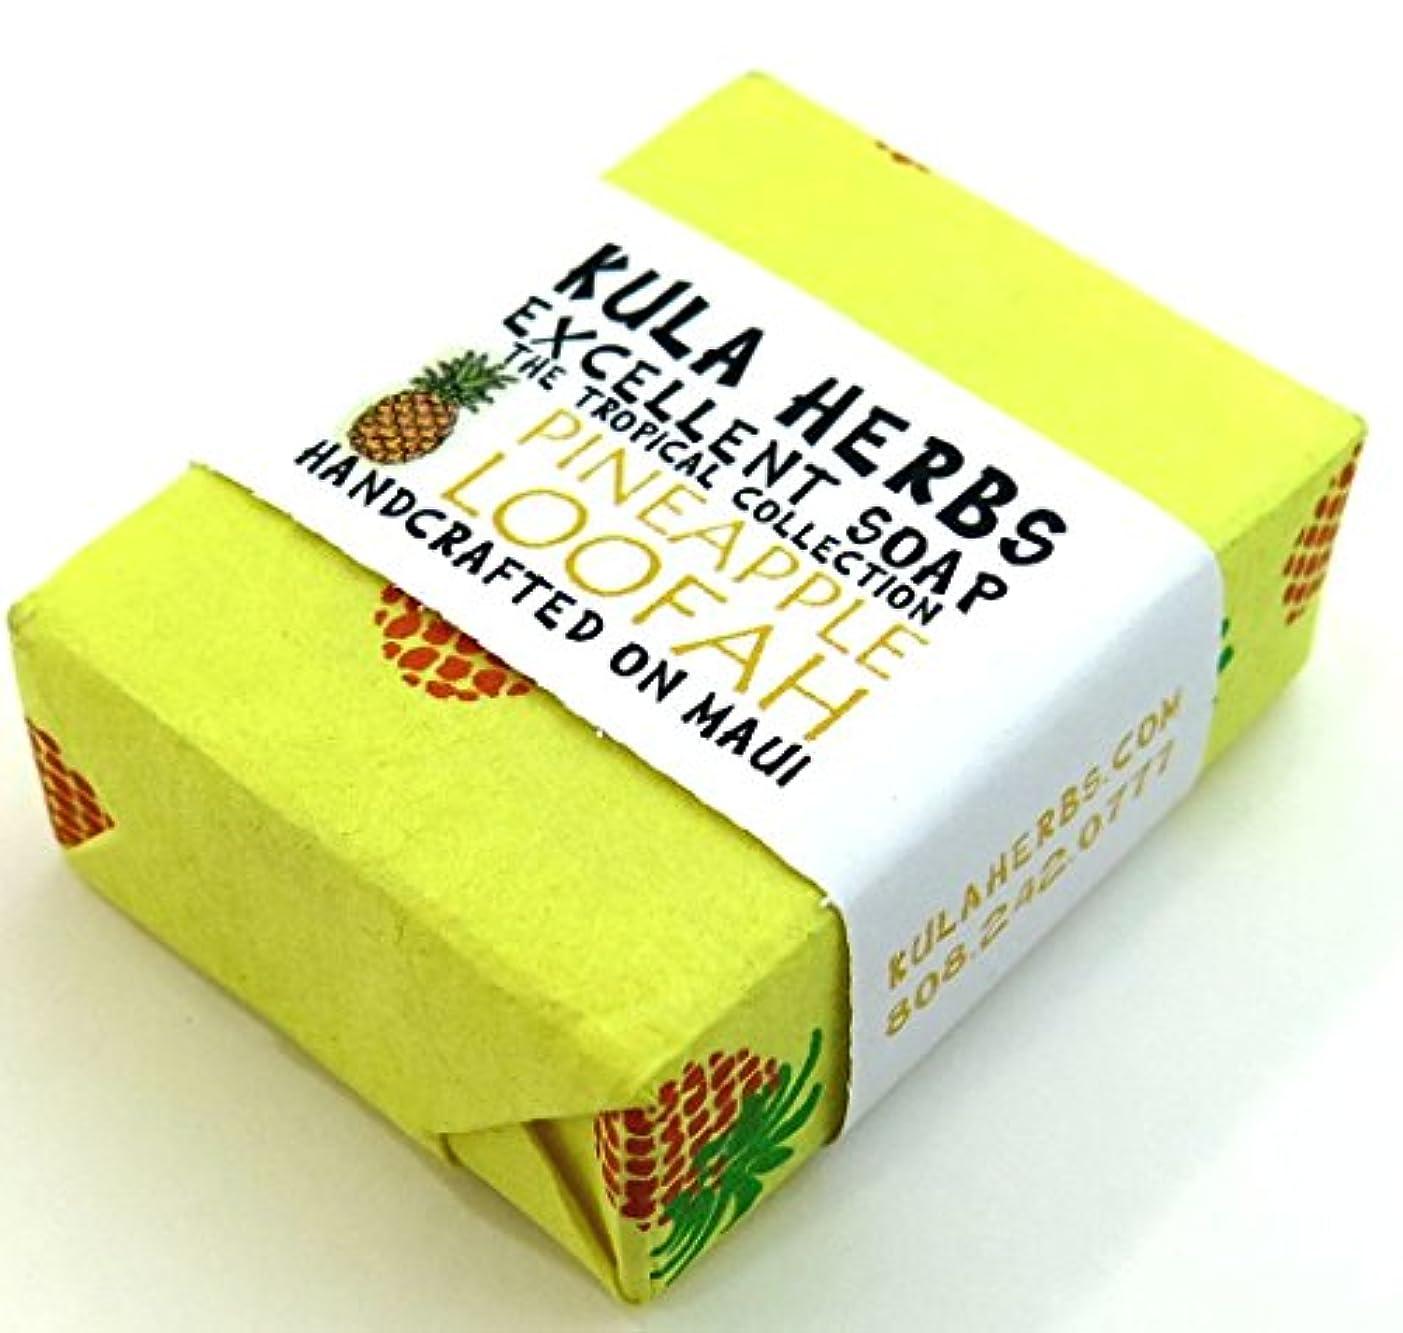 深める予知数学的なハワイ お土産 ハワイアン雑貨 クラハーブス エクセレント ソープ 石鹸 30g (パイナップル)